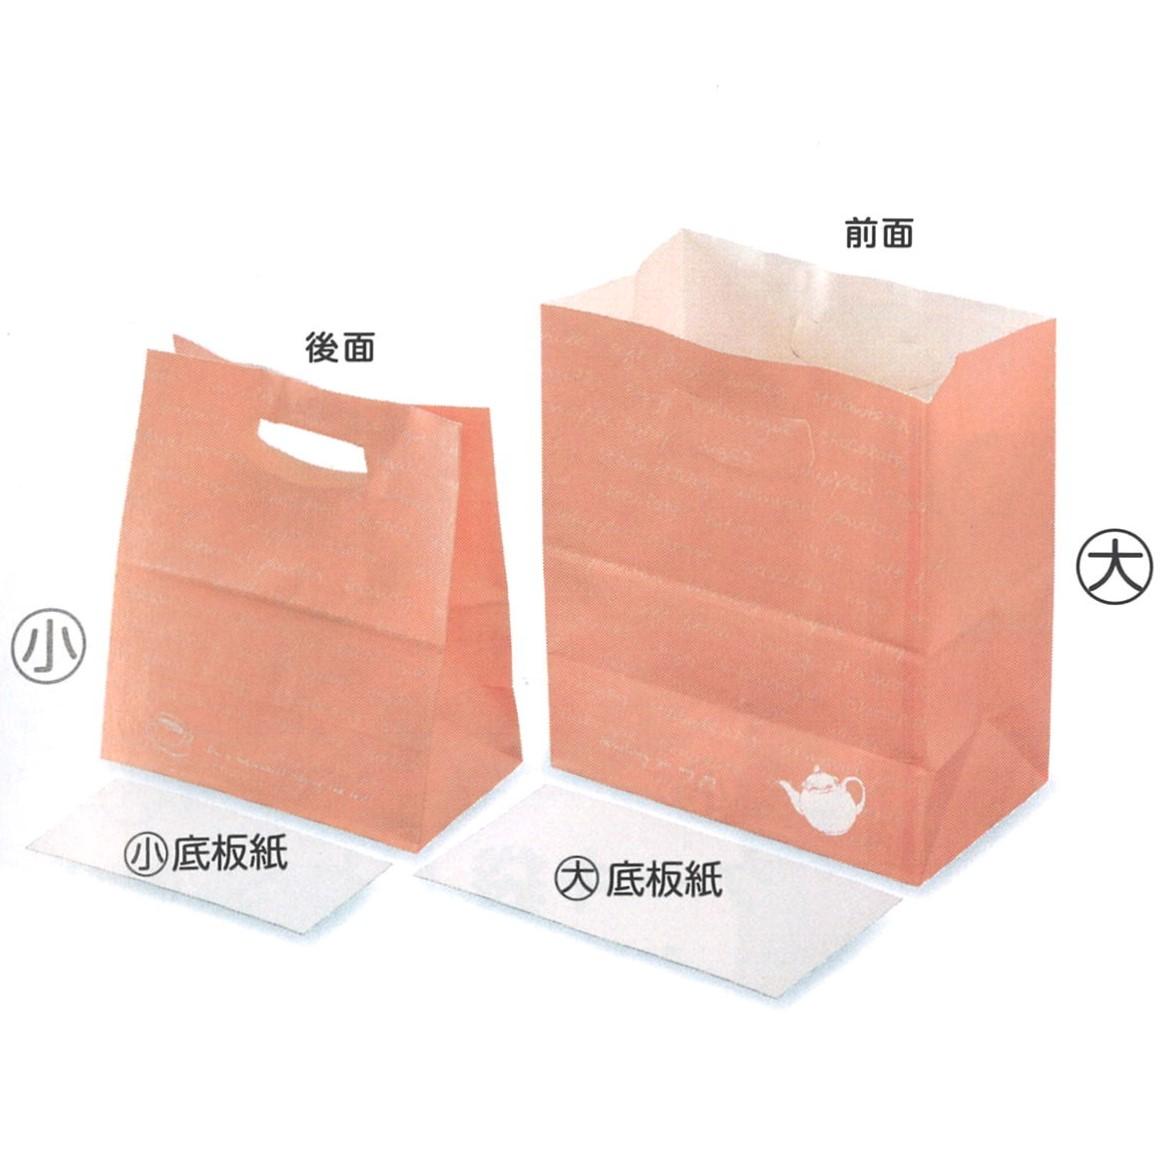 スイーツ袋 コーラル(大)(500枚)底板紙付き 120×210×240mm ケーキ和菓子用 手提げ袋 パッケージ中澤